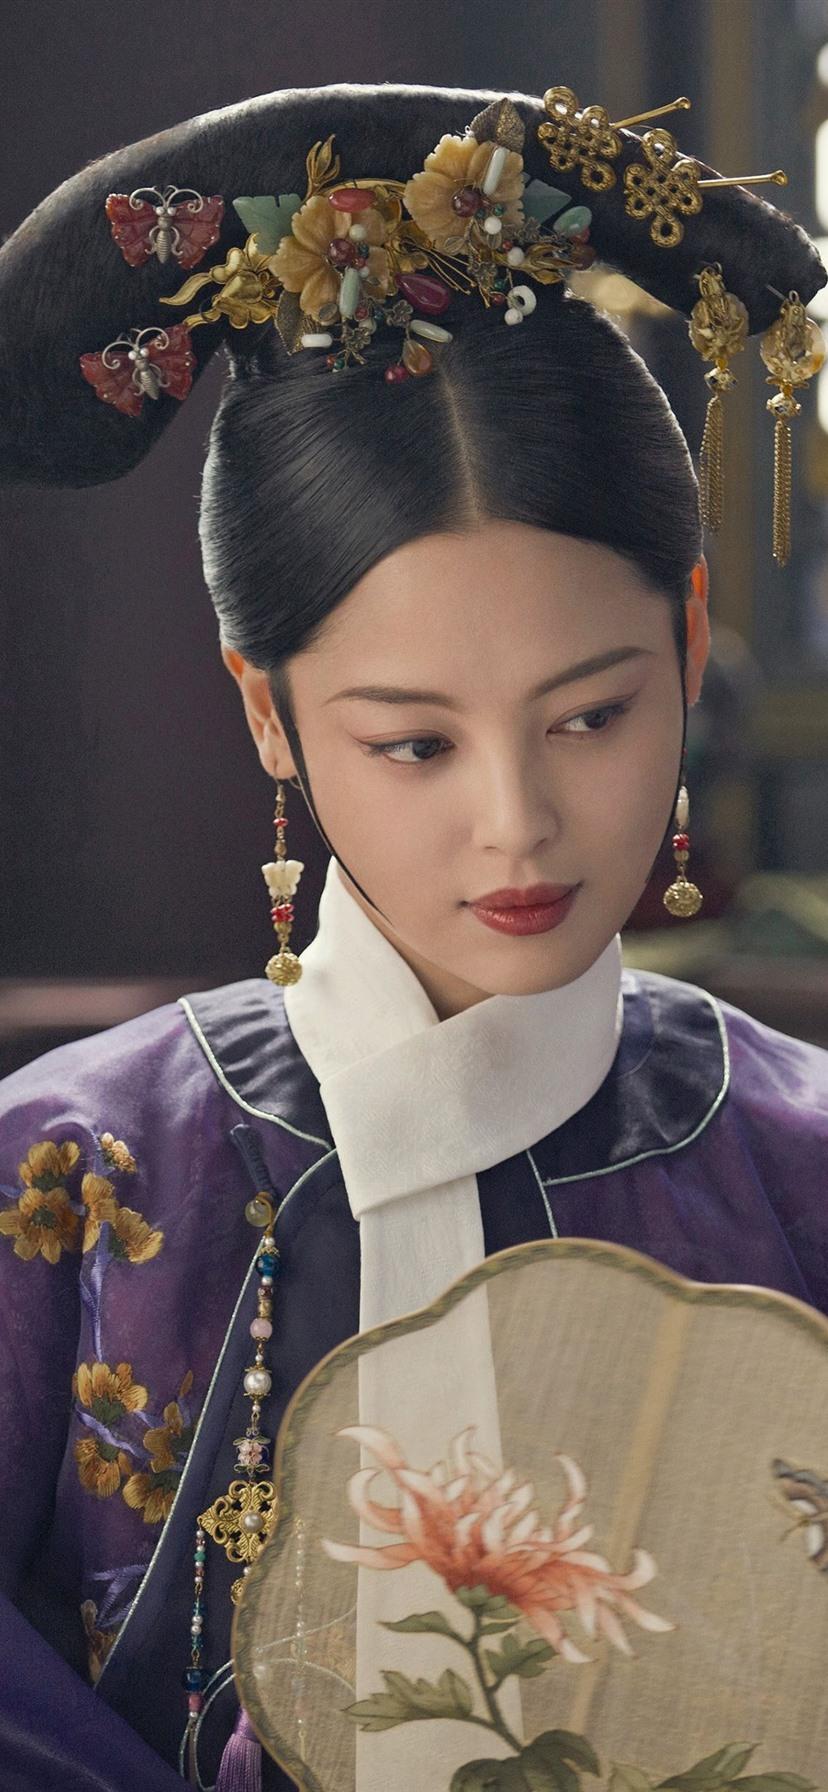 壁纸 辛芷蕾,金玉妍,嘉贵妃,如懿传 3840x2160 UHD 4K 高清壁纸, 图片, 照片